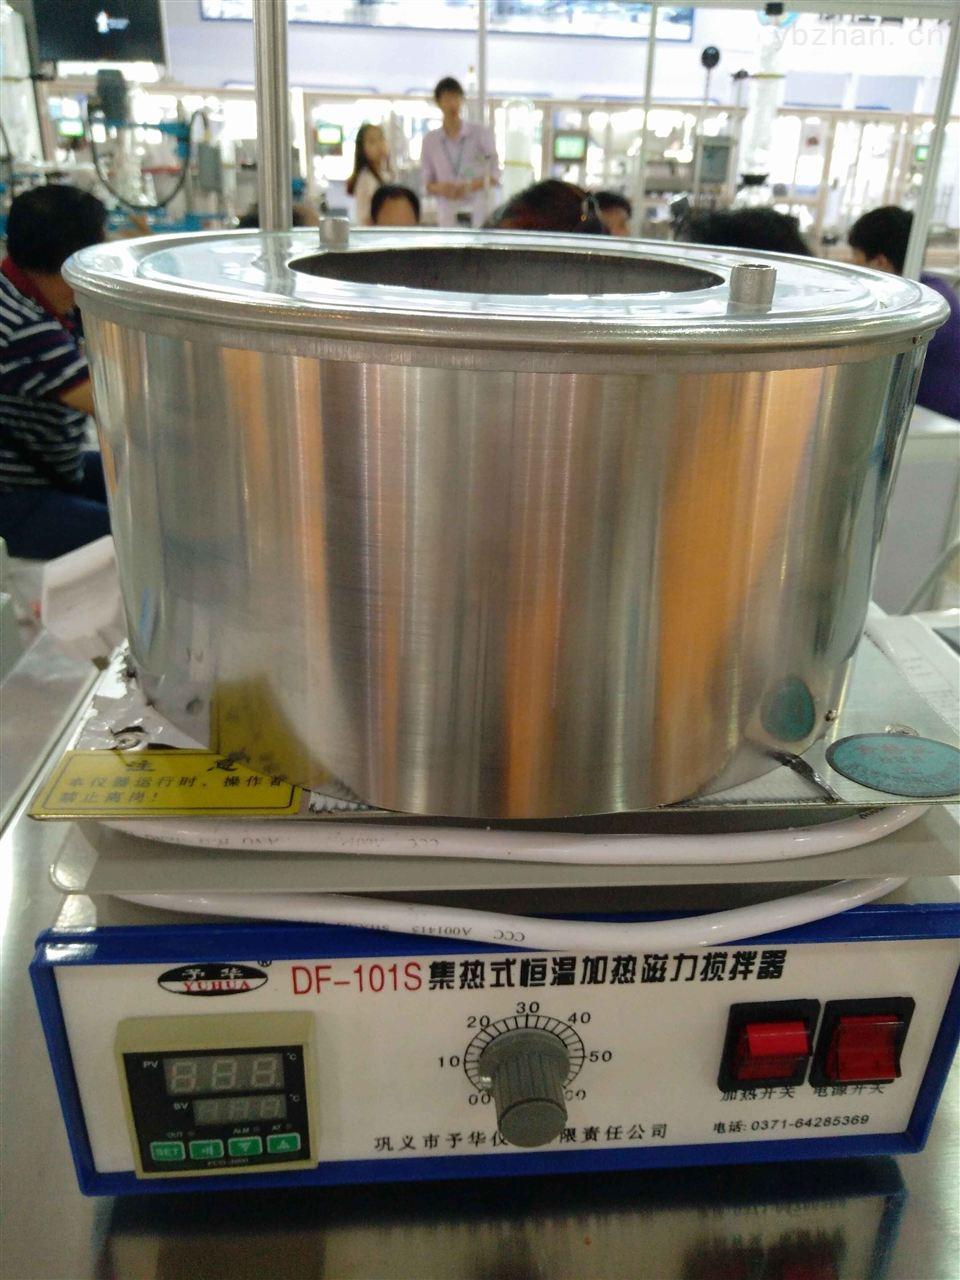 集热式磁力搅拌器DF-101S认准予华商标